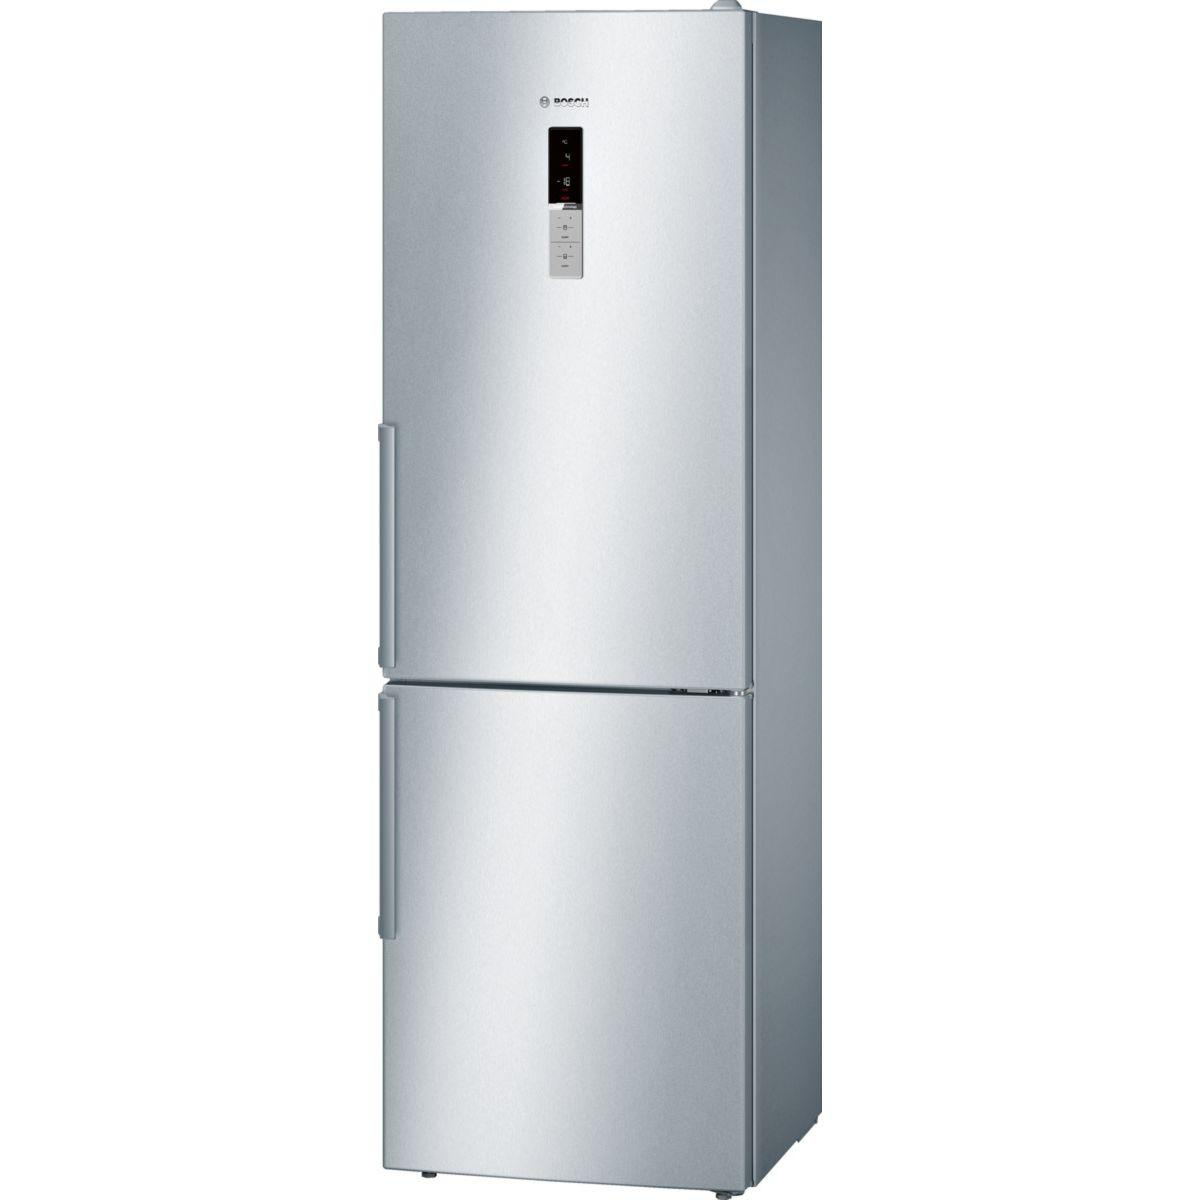 Réfrigérateur combiné connecté BOSCH KGN36HI32